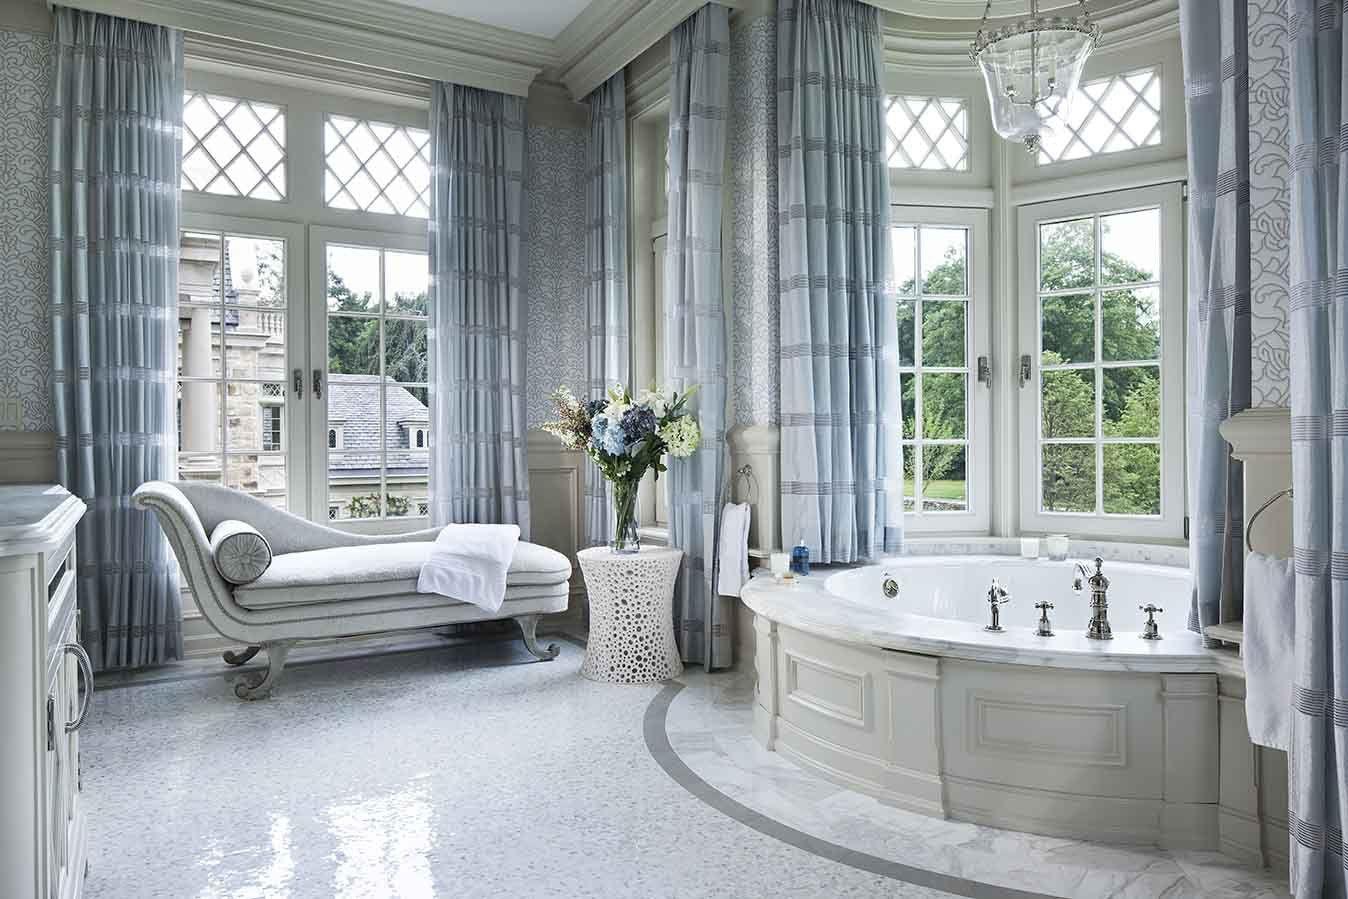 Fliesen ideen um badezimmer eitelkeit master bathroom  home  pinterest  badezimmer bad und einrichtung